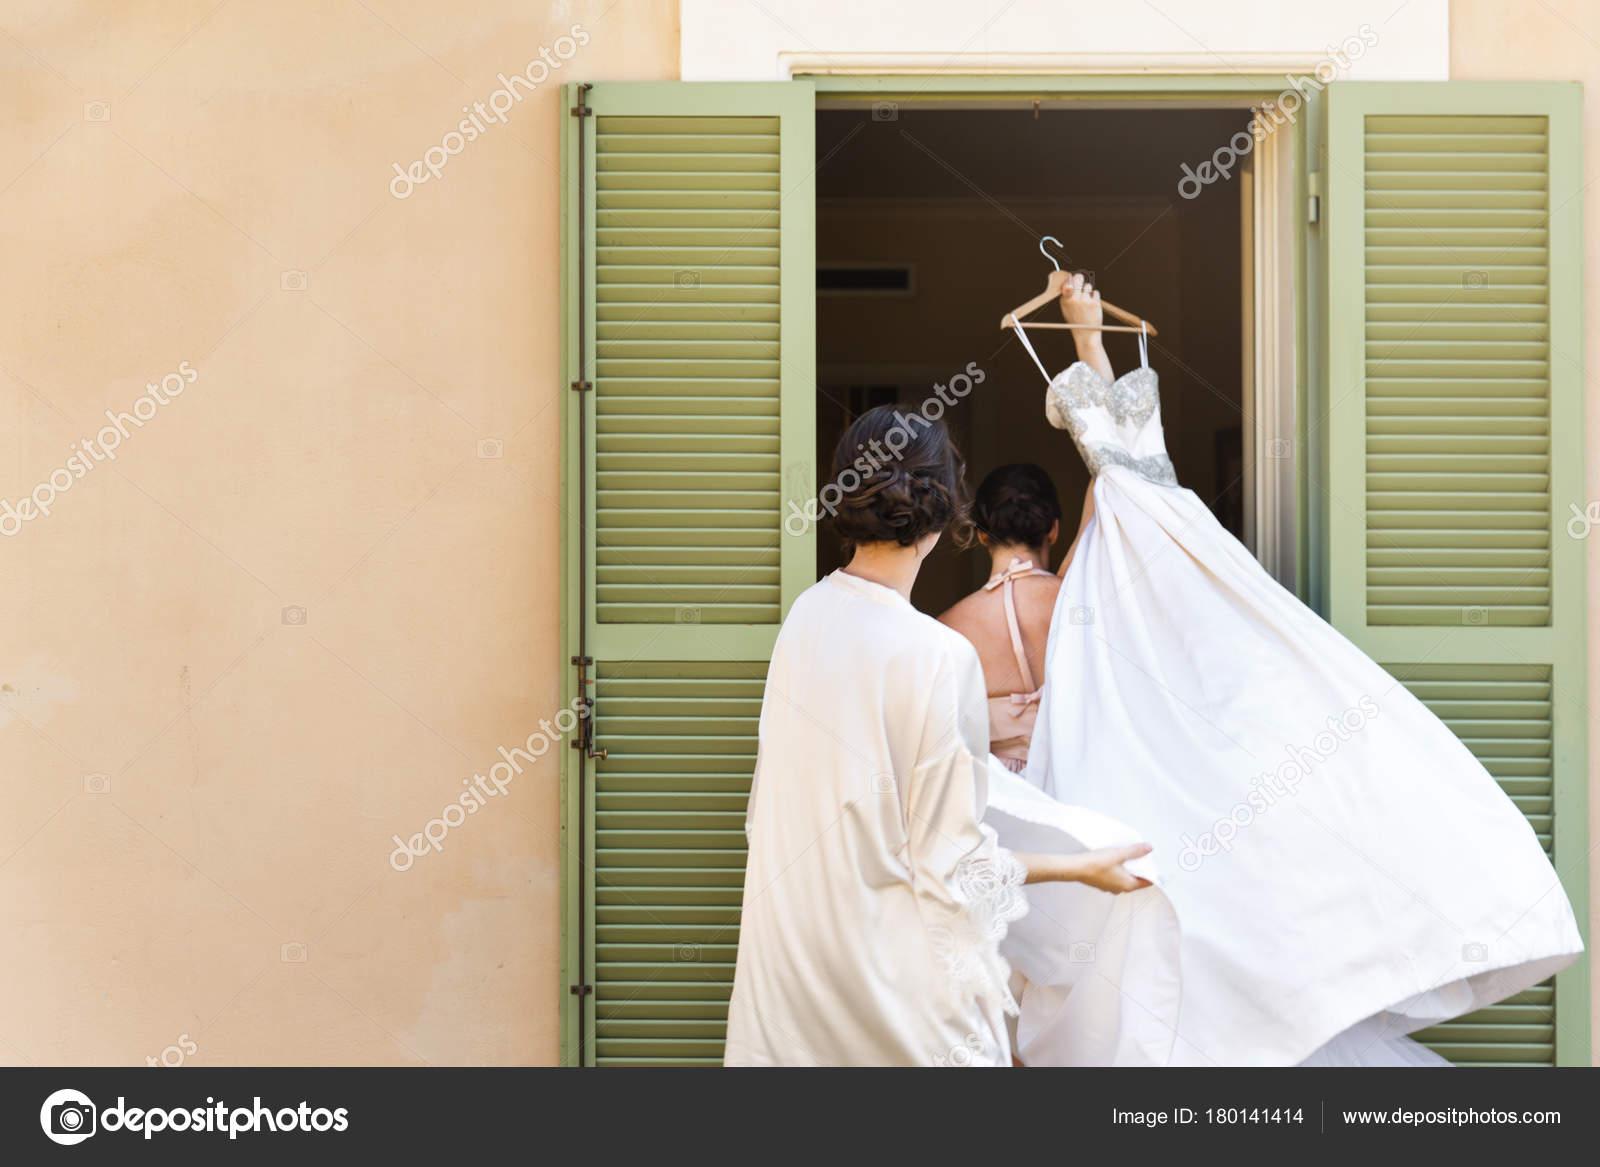 A noiva e dama de honra com vestido de noiva– imagens de bancos de imagens 68c445b5eced